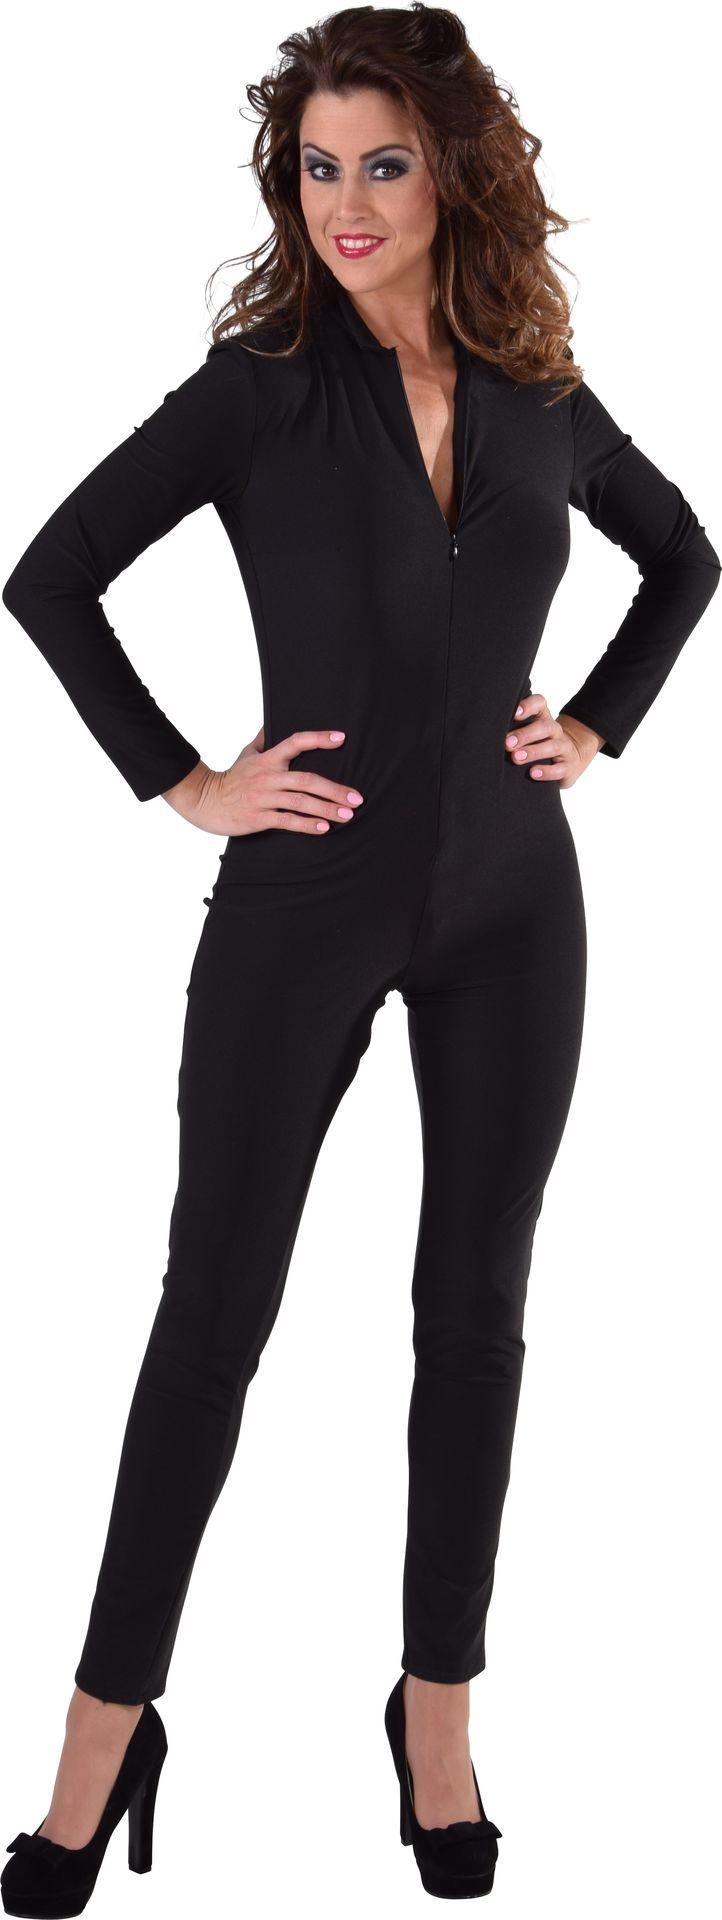 Zwarte catsuit vrouw